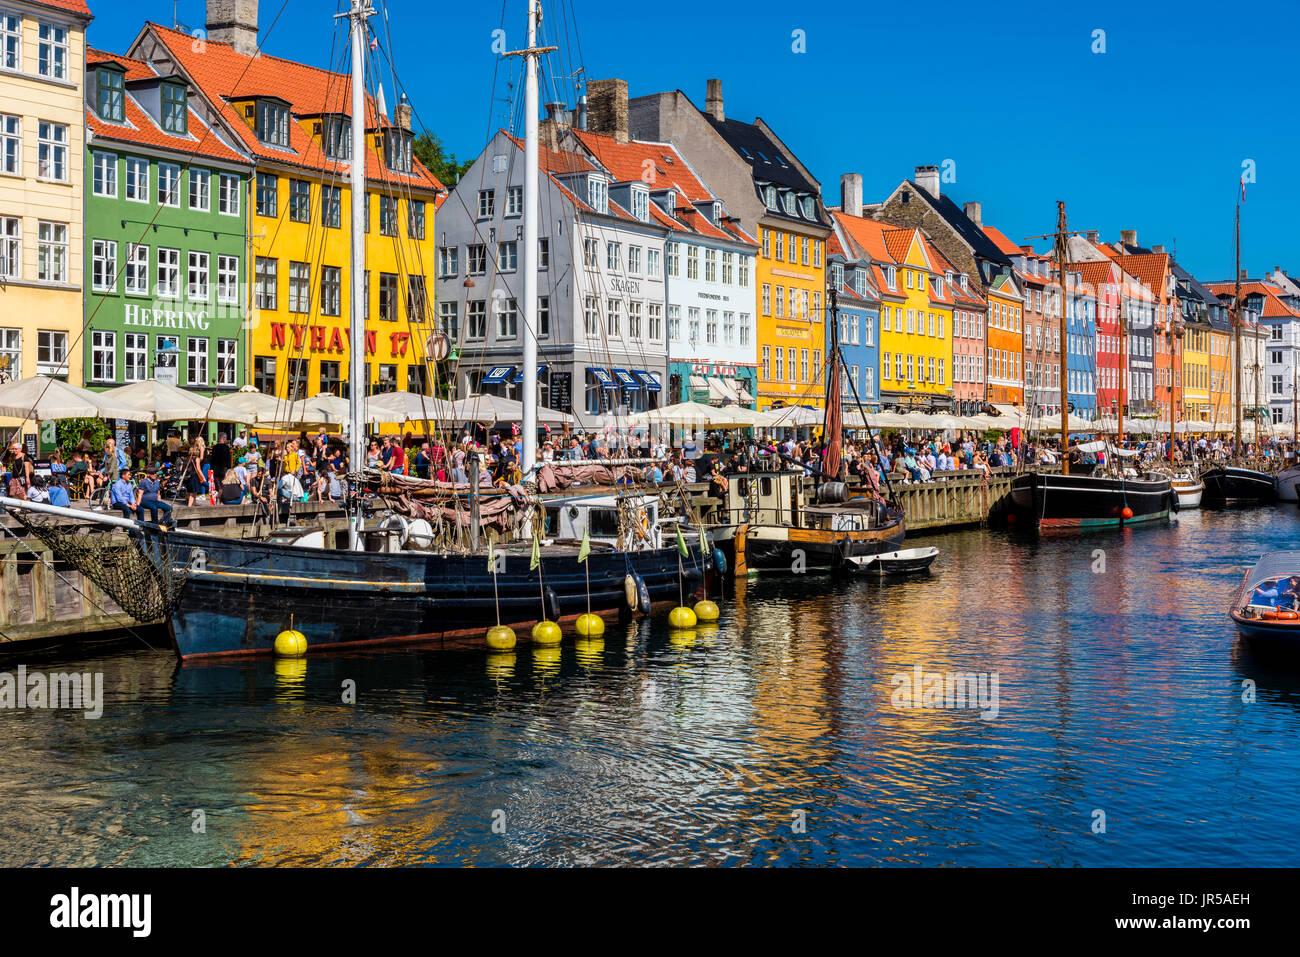 Puerto y paseo marítimo de Nyhavn en Copenhague, Dinamarca. Nyhavn es el monumento más famoso de Copenhague. Imagen De Stock